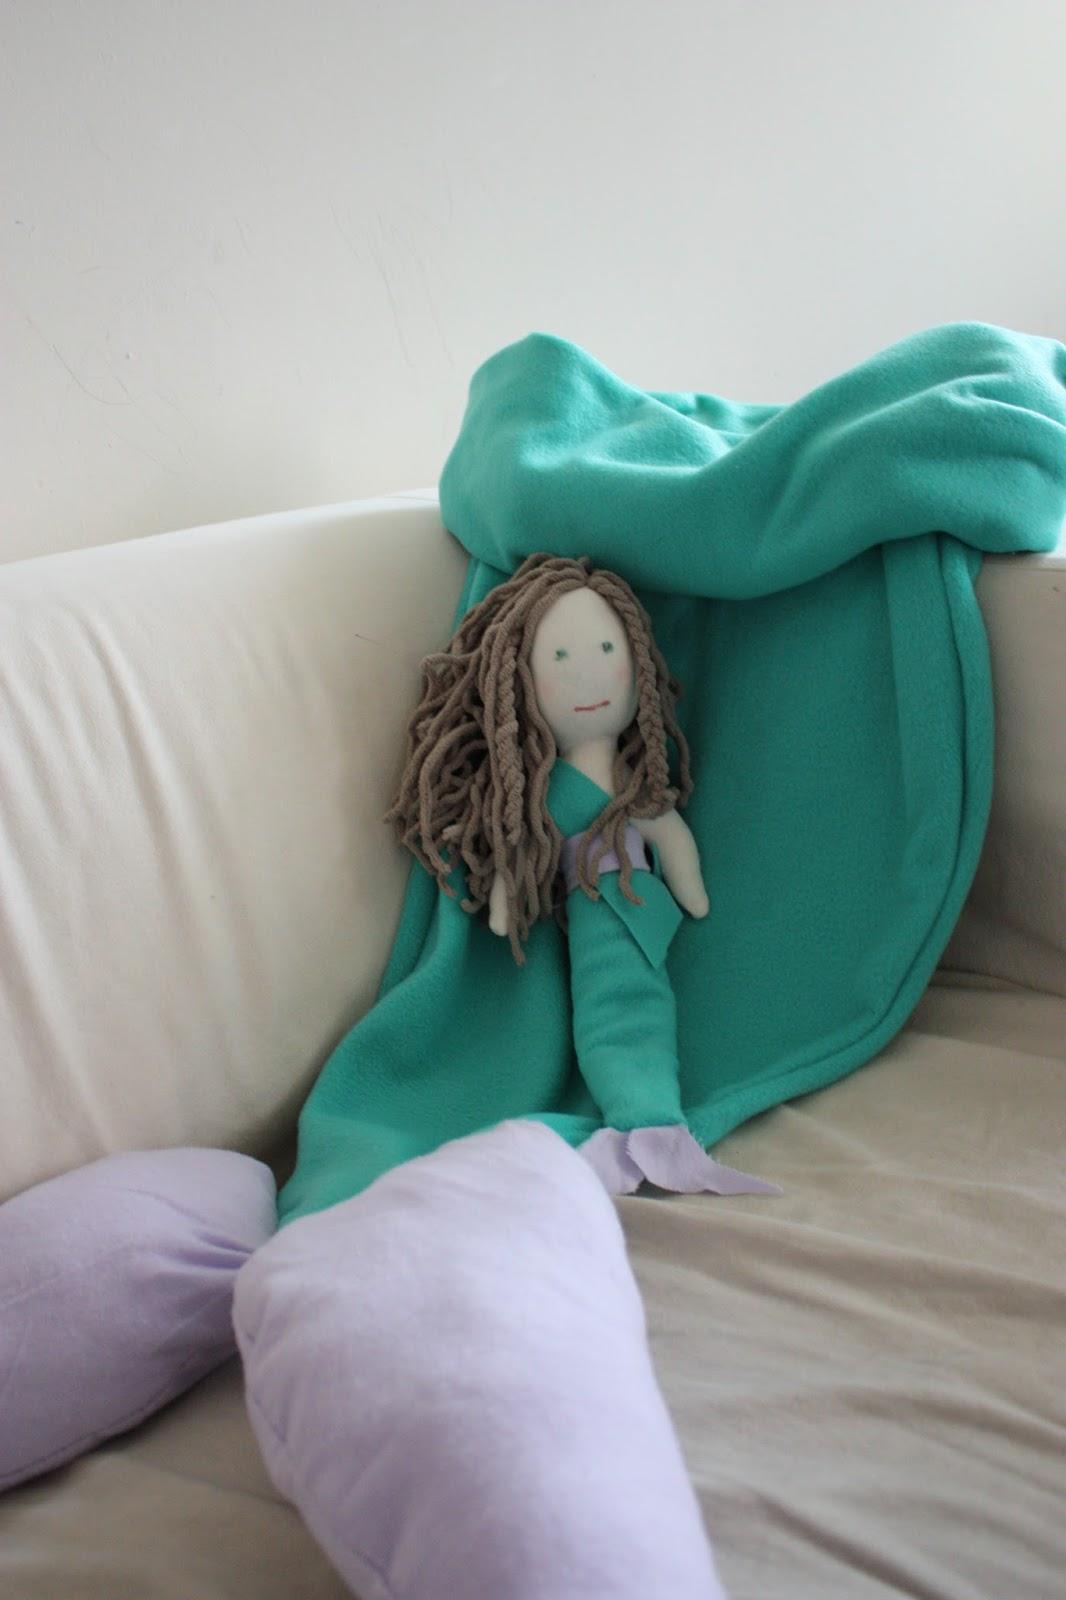 Mermaid Tail Blanket For Sale: MakingMe: DIY Mermaid Tail Blanket